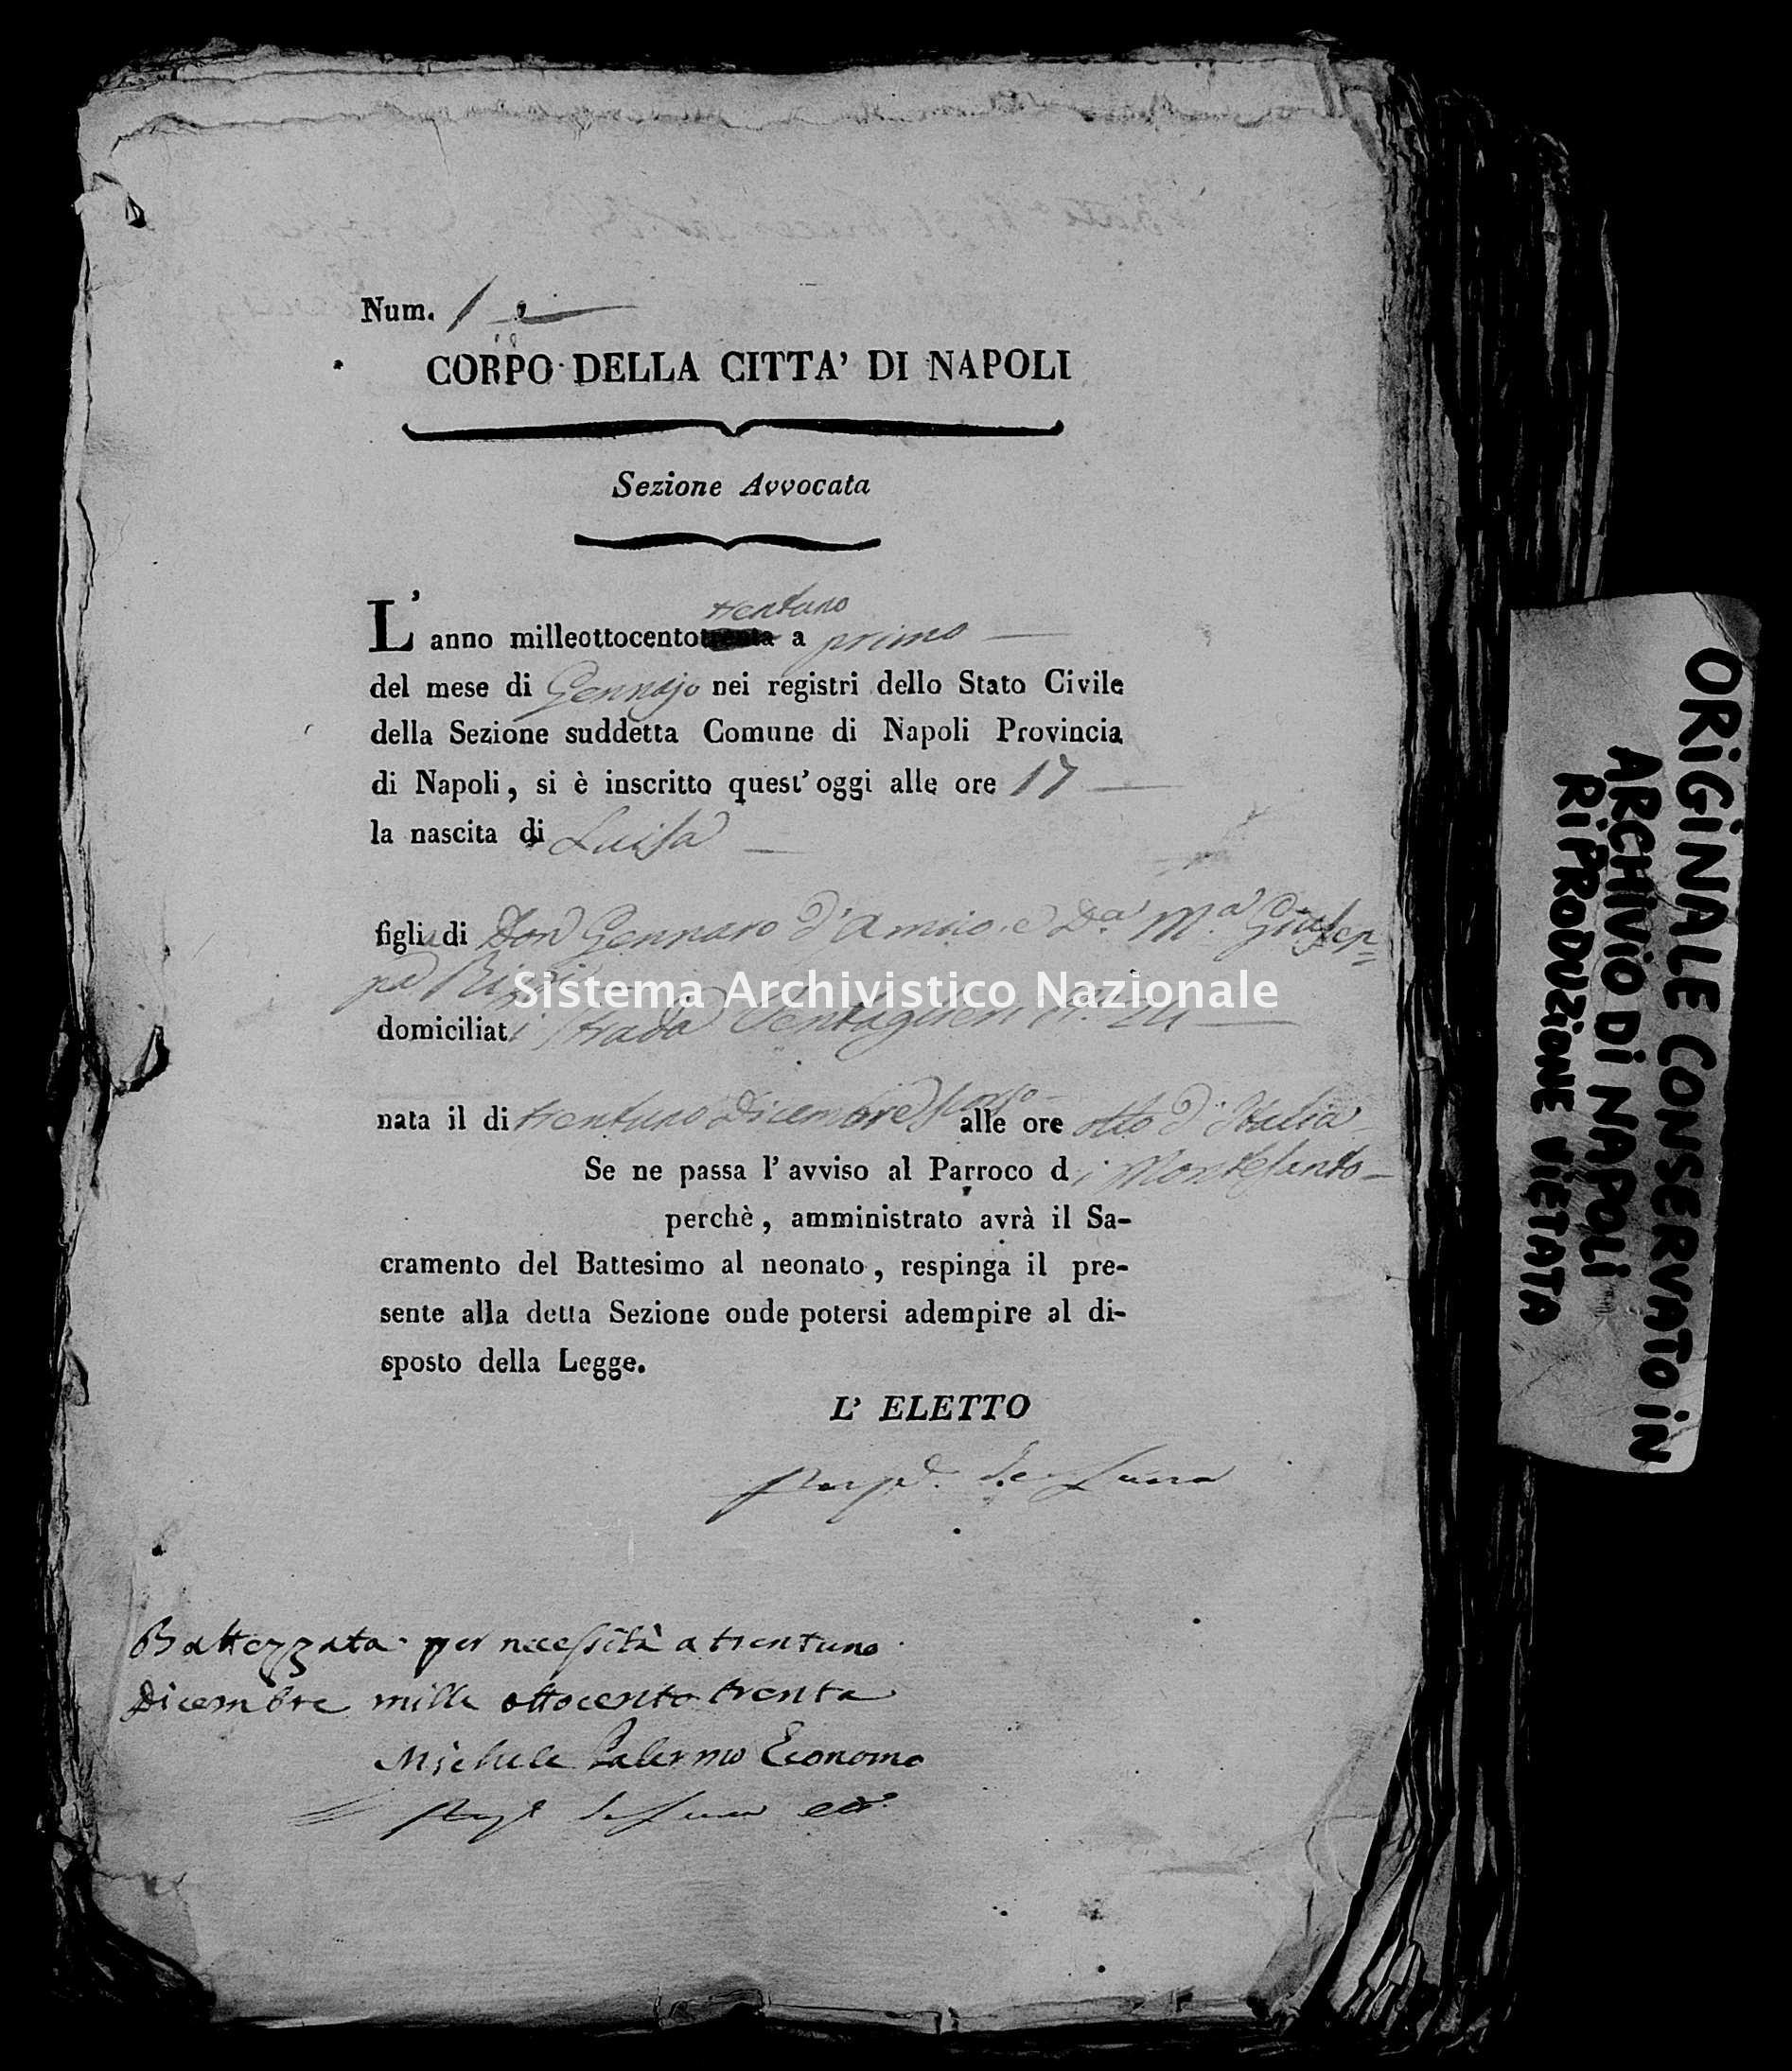 Archivio di stato di Napoli - Stato civile della restaurazione - Avvocata - Nati, battesimi - 01/01/1831-17/12/1831 -